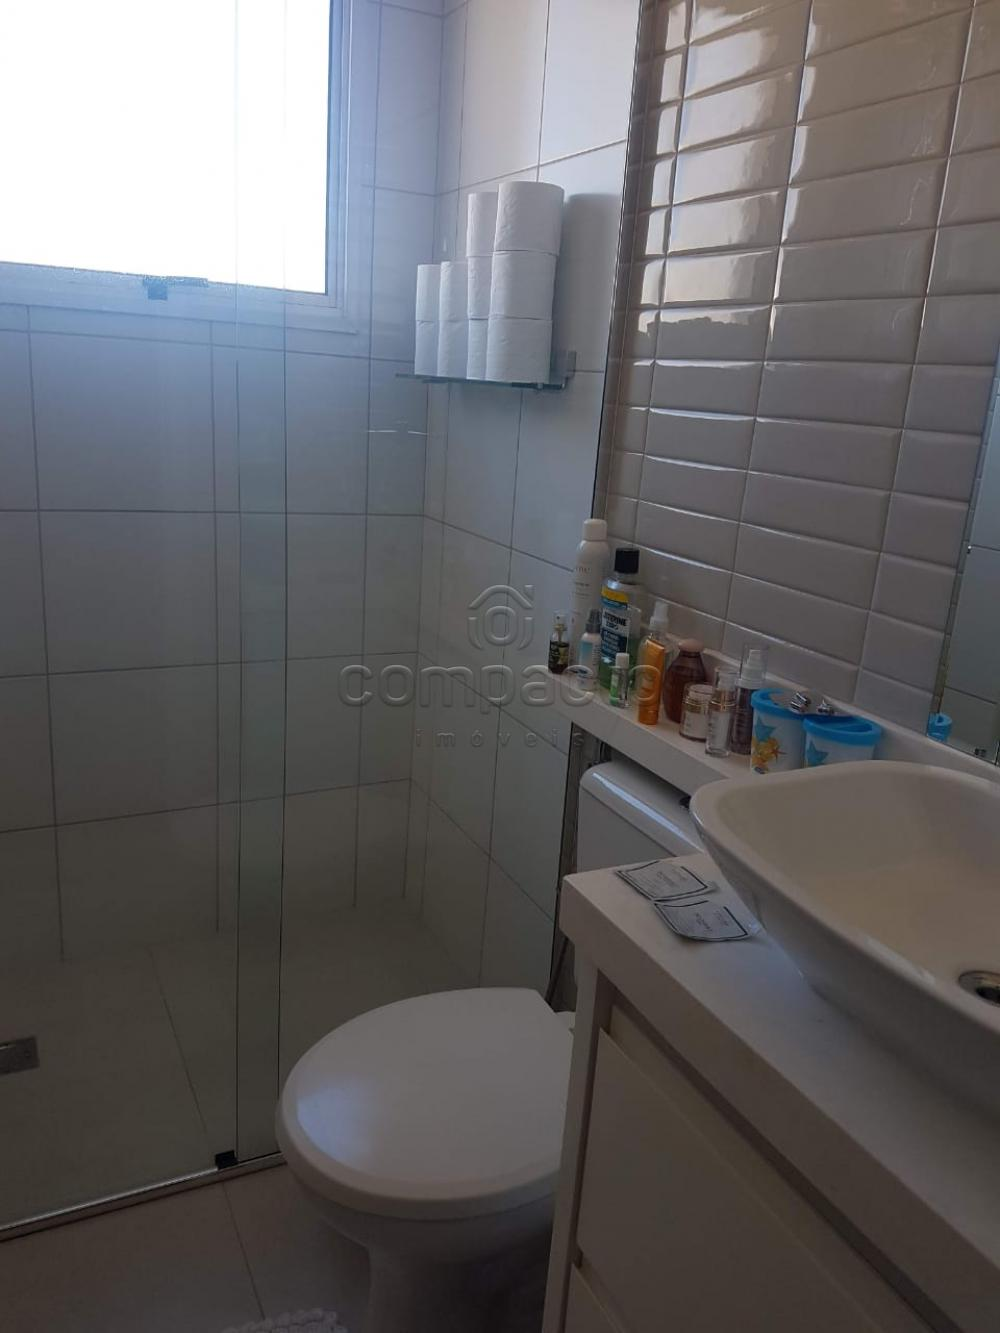 Comprar Casa / Condomínio em São José do Rio Preto apenas R$ 480.000,00 - Foto 7